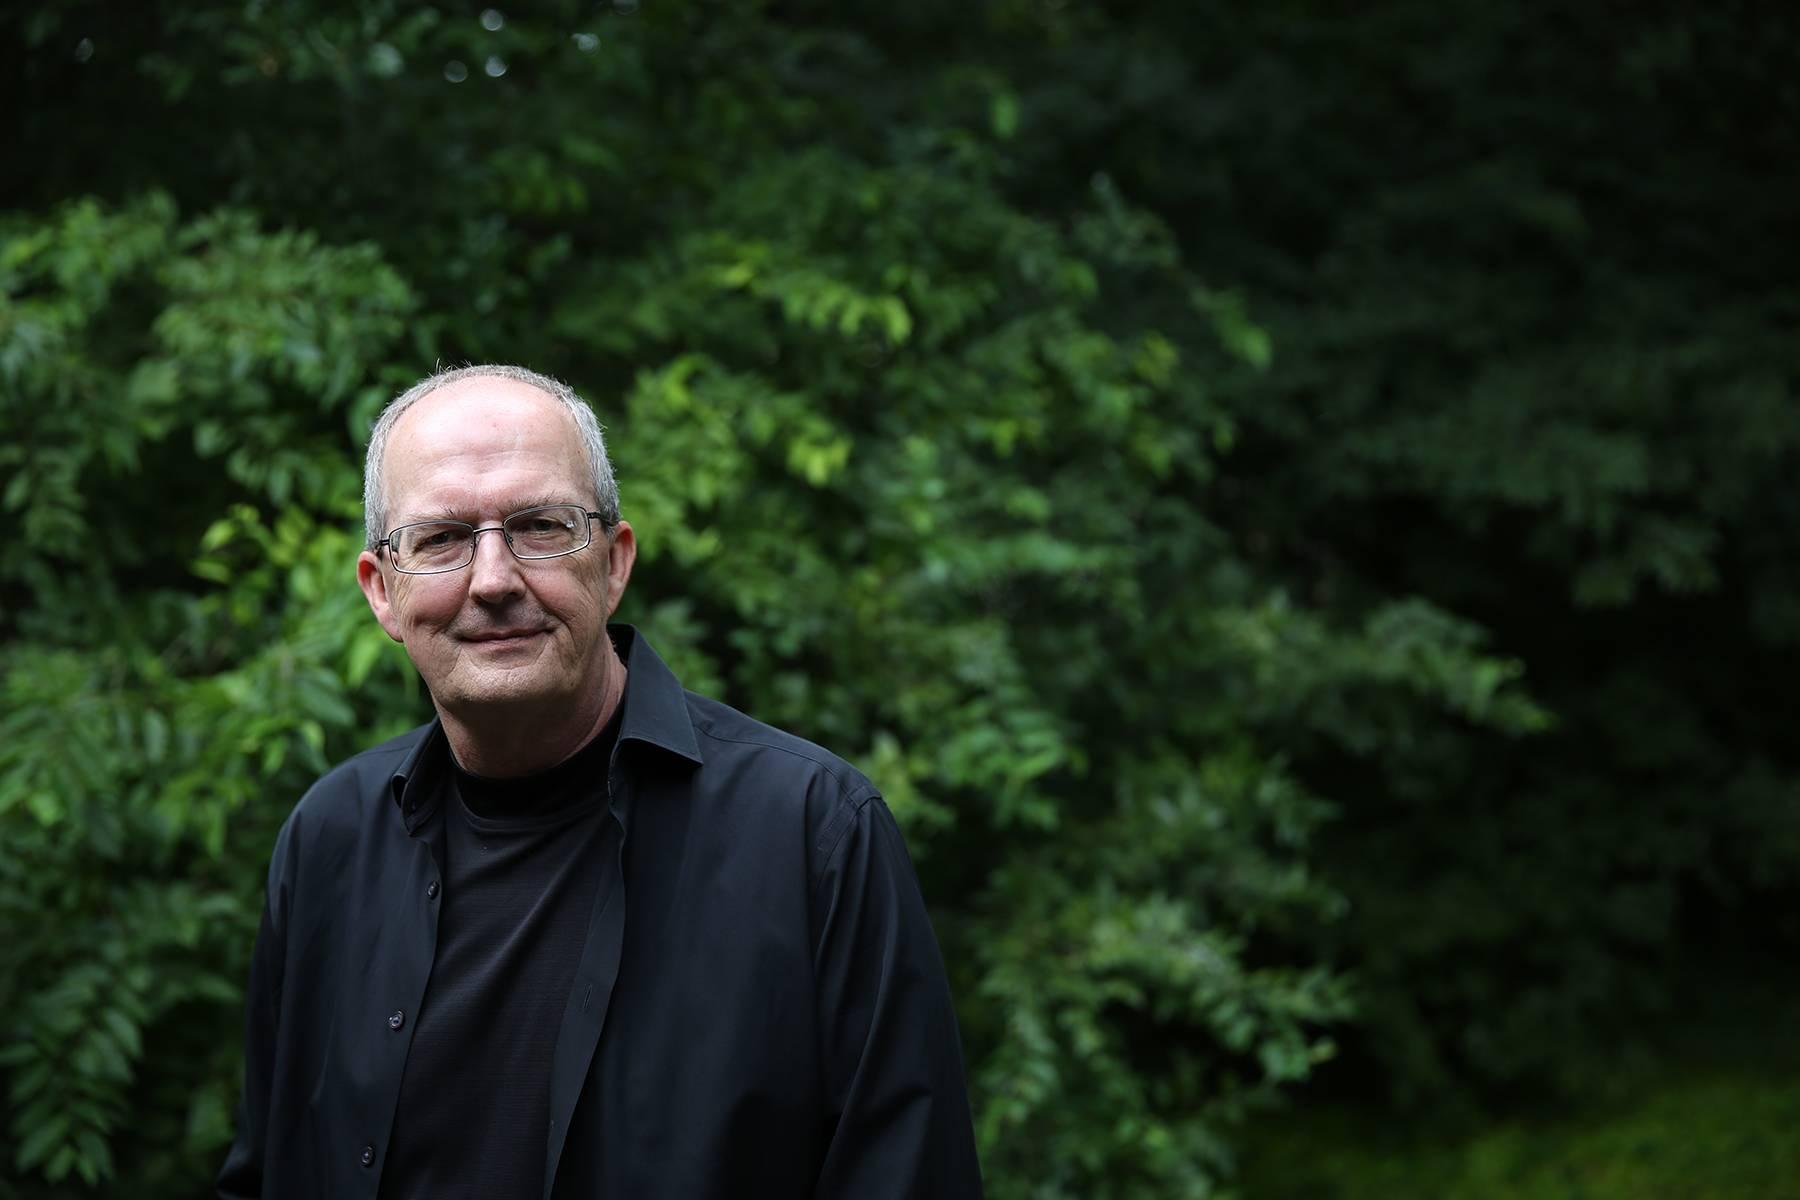 Kirk Fischer